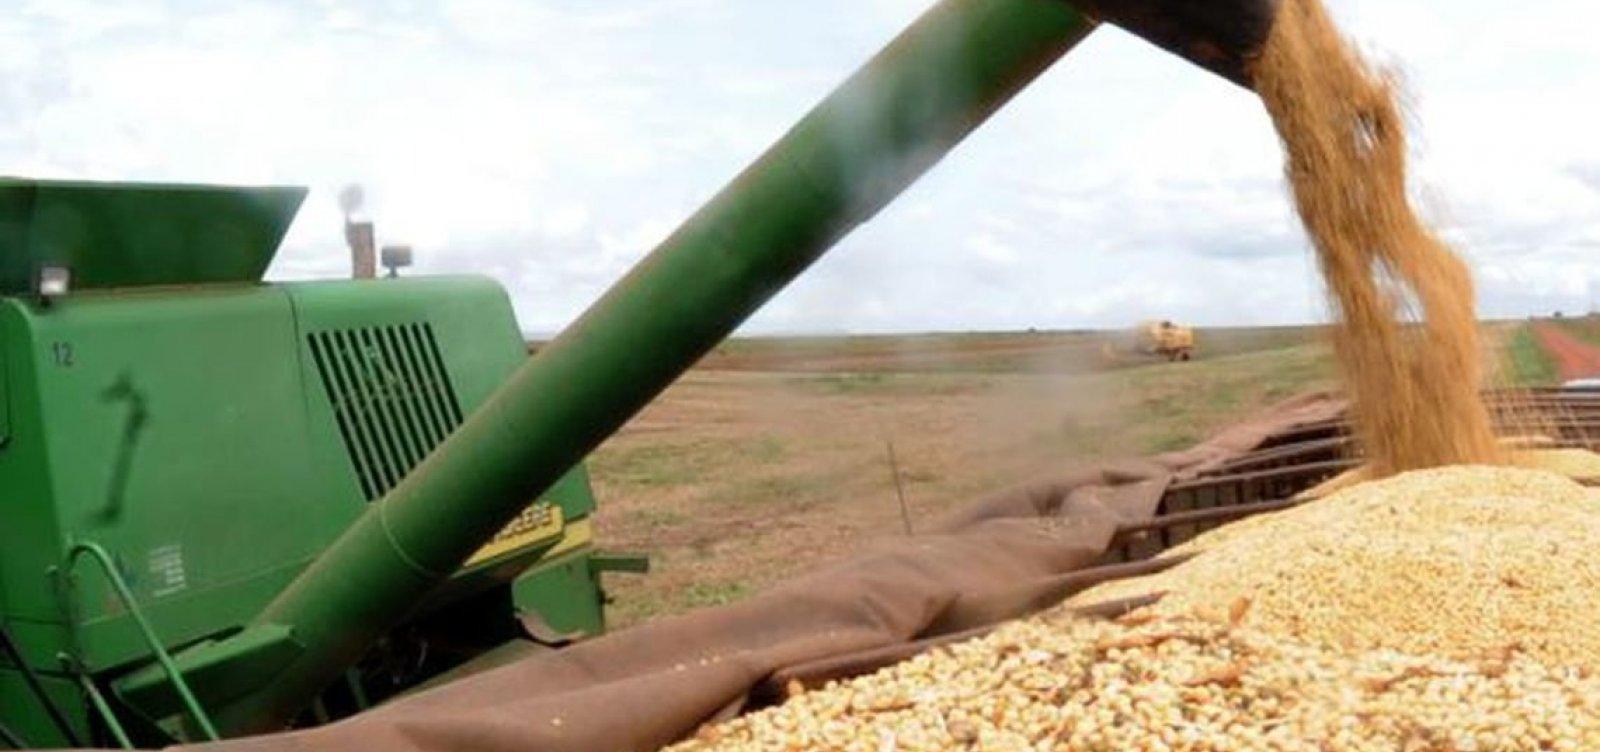 [Safra de grãos deste ano na Bahia será 15,4% menor que a de 2018, diz IGBE]